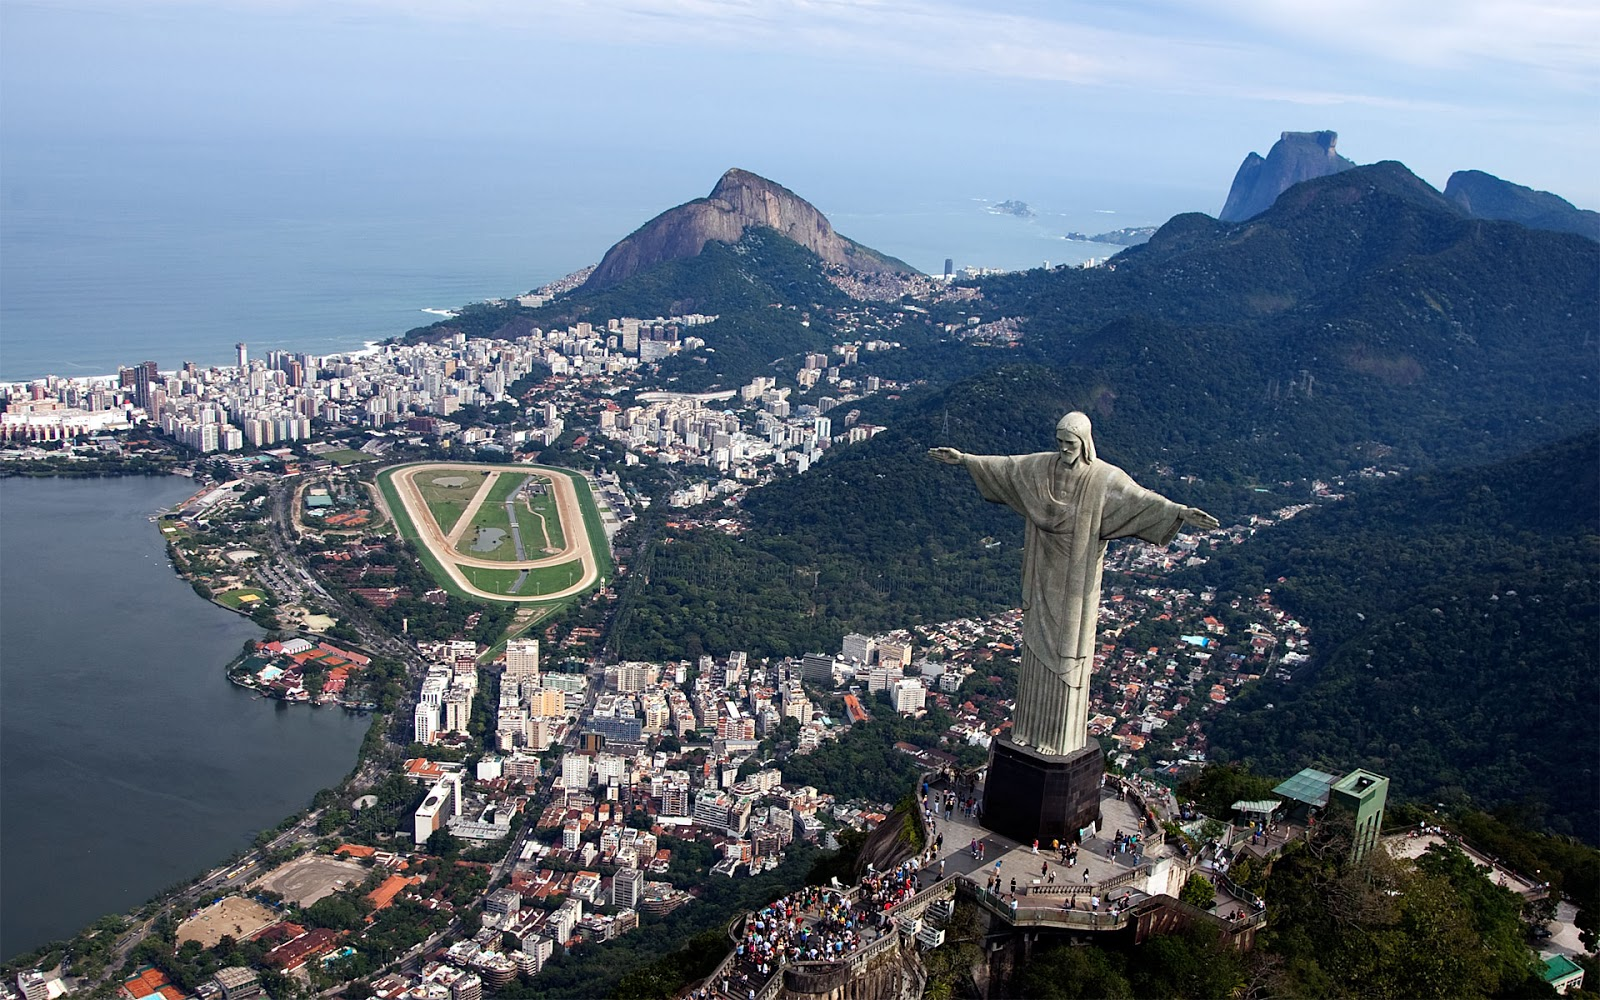 Alegria em Tudo: 12 Best Places to Visit in Rio de Janeiro